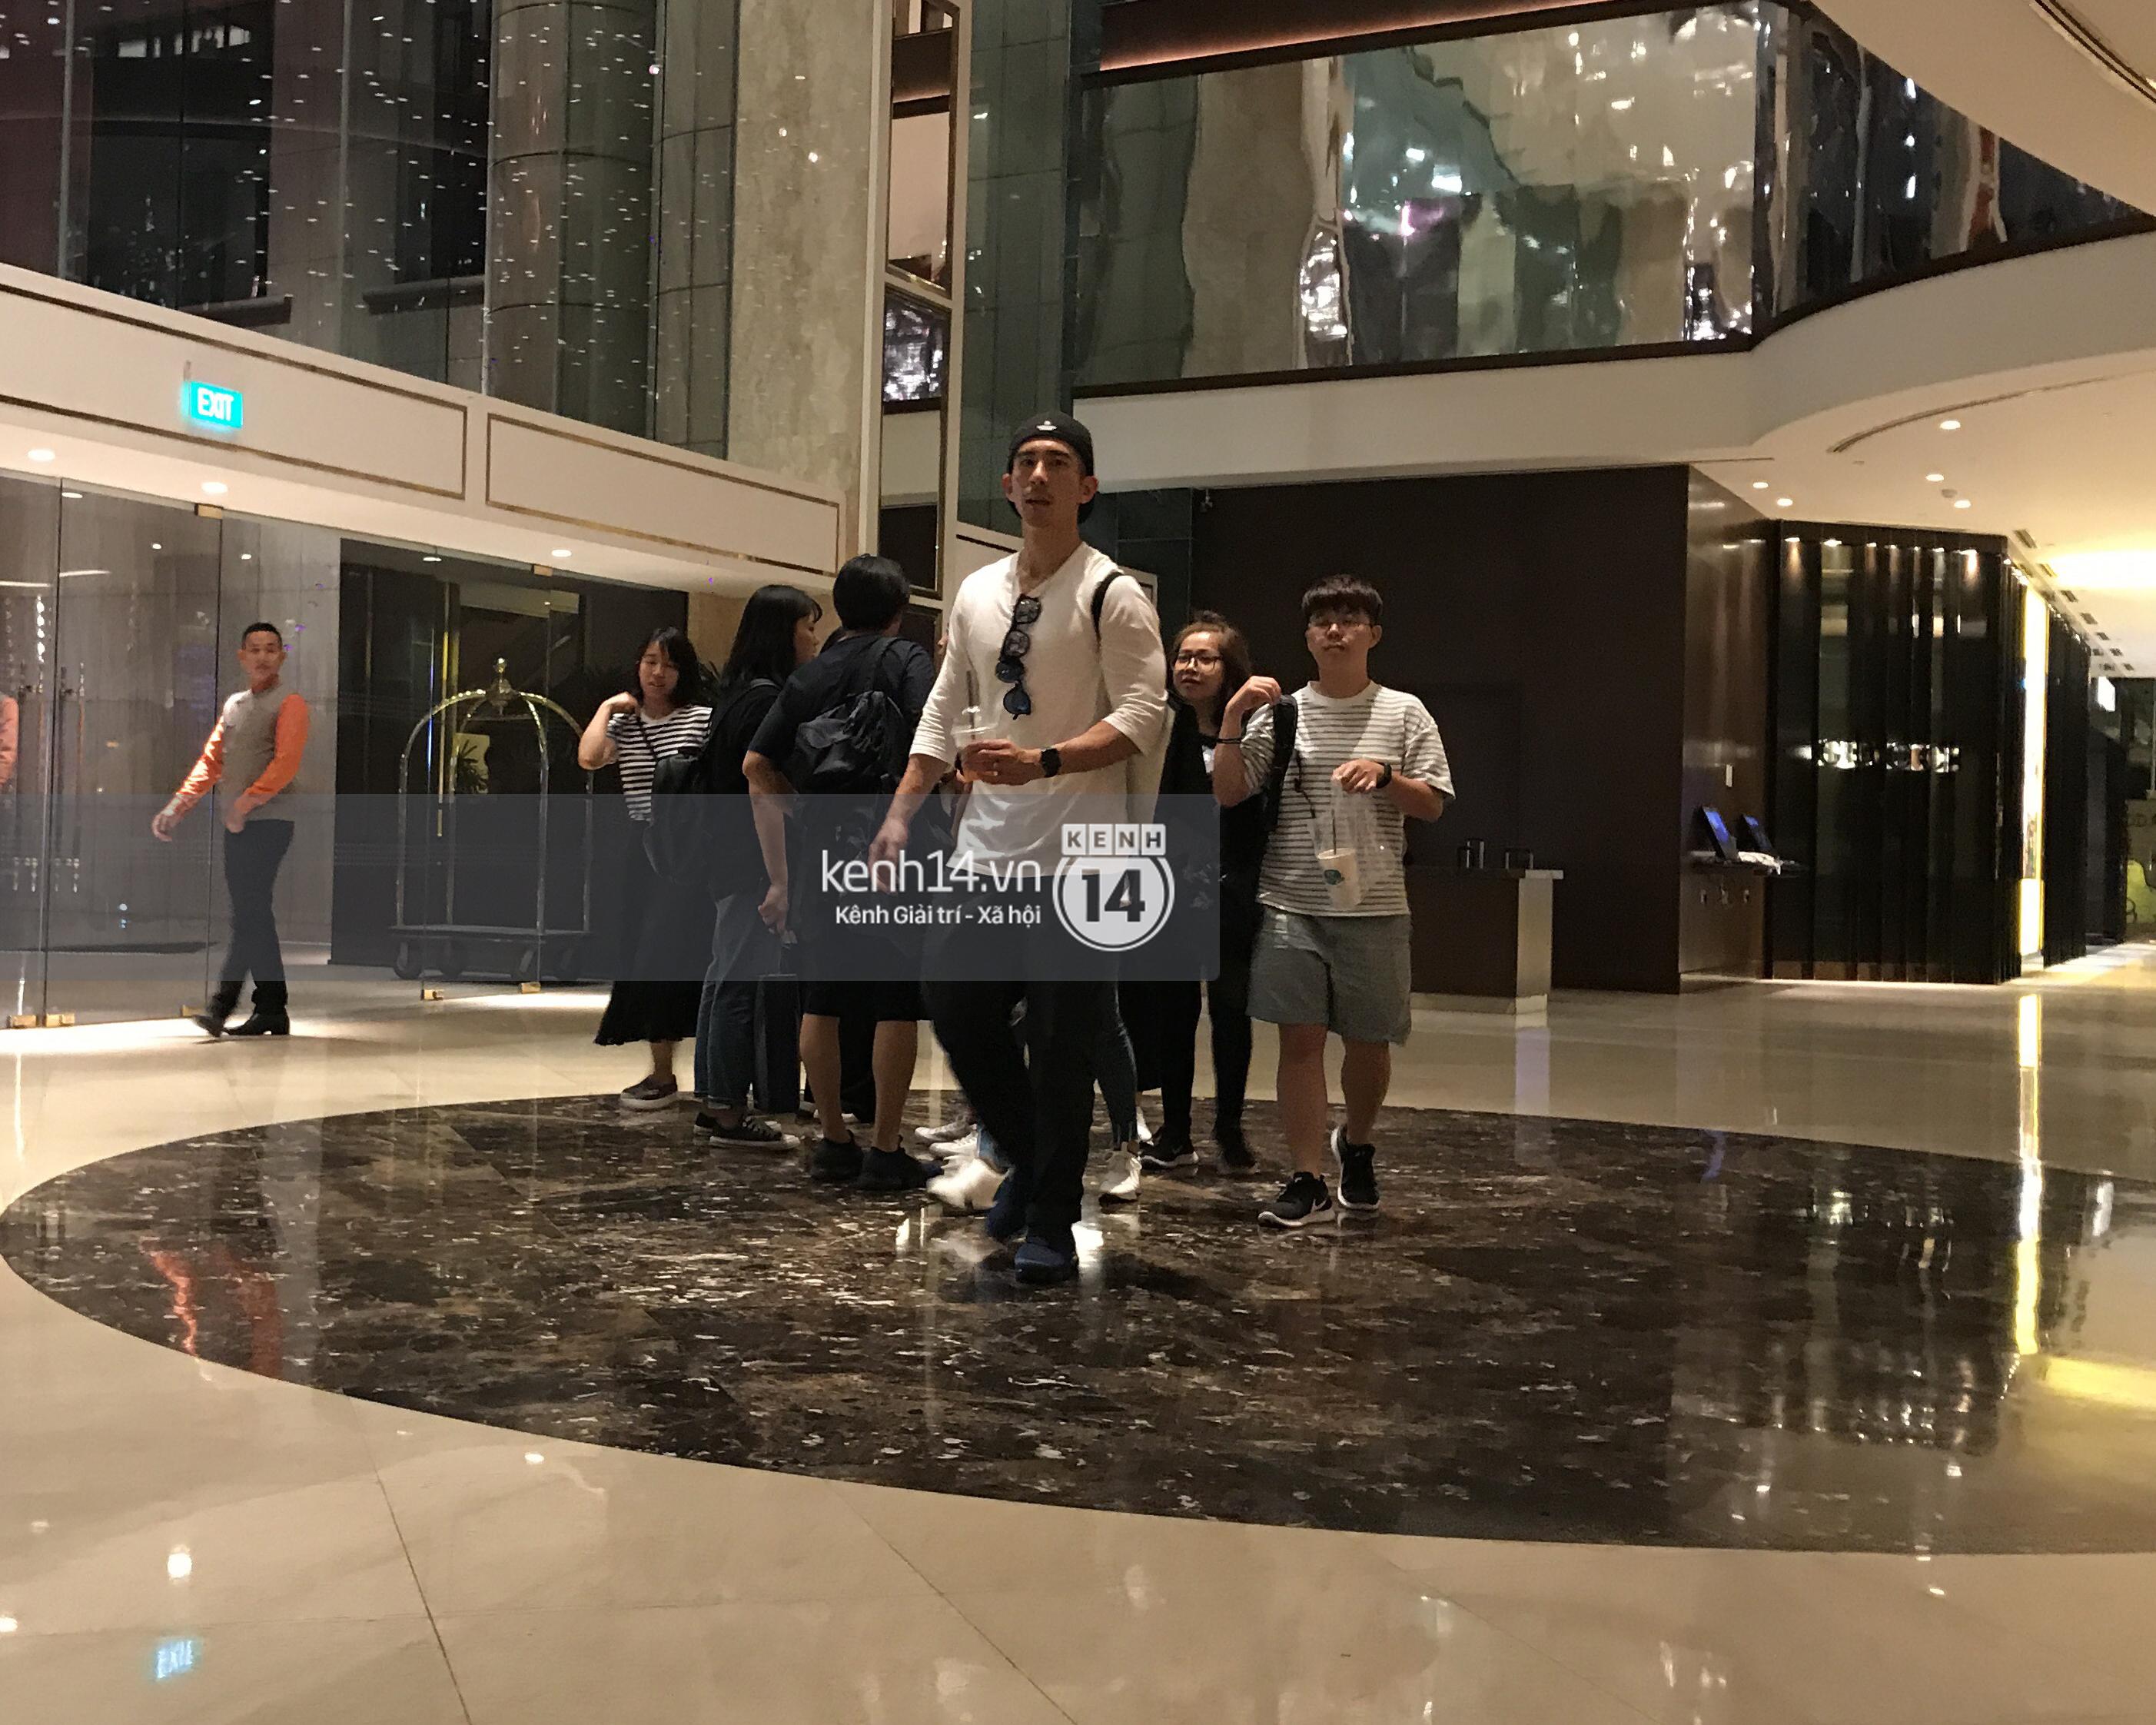 ĐỘC QUYỀN: Vợ chồng Triệu Mẫn Giả Tịnh Văn bất ngờ khi bị bắt gặp tại khách sạn Sài Gòn - Ảnh 3.